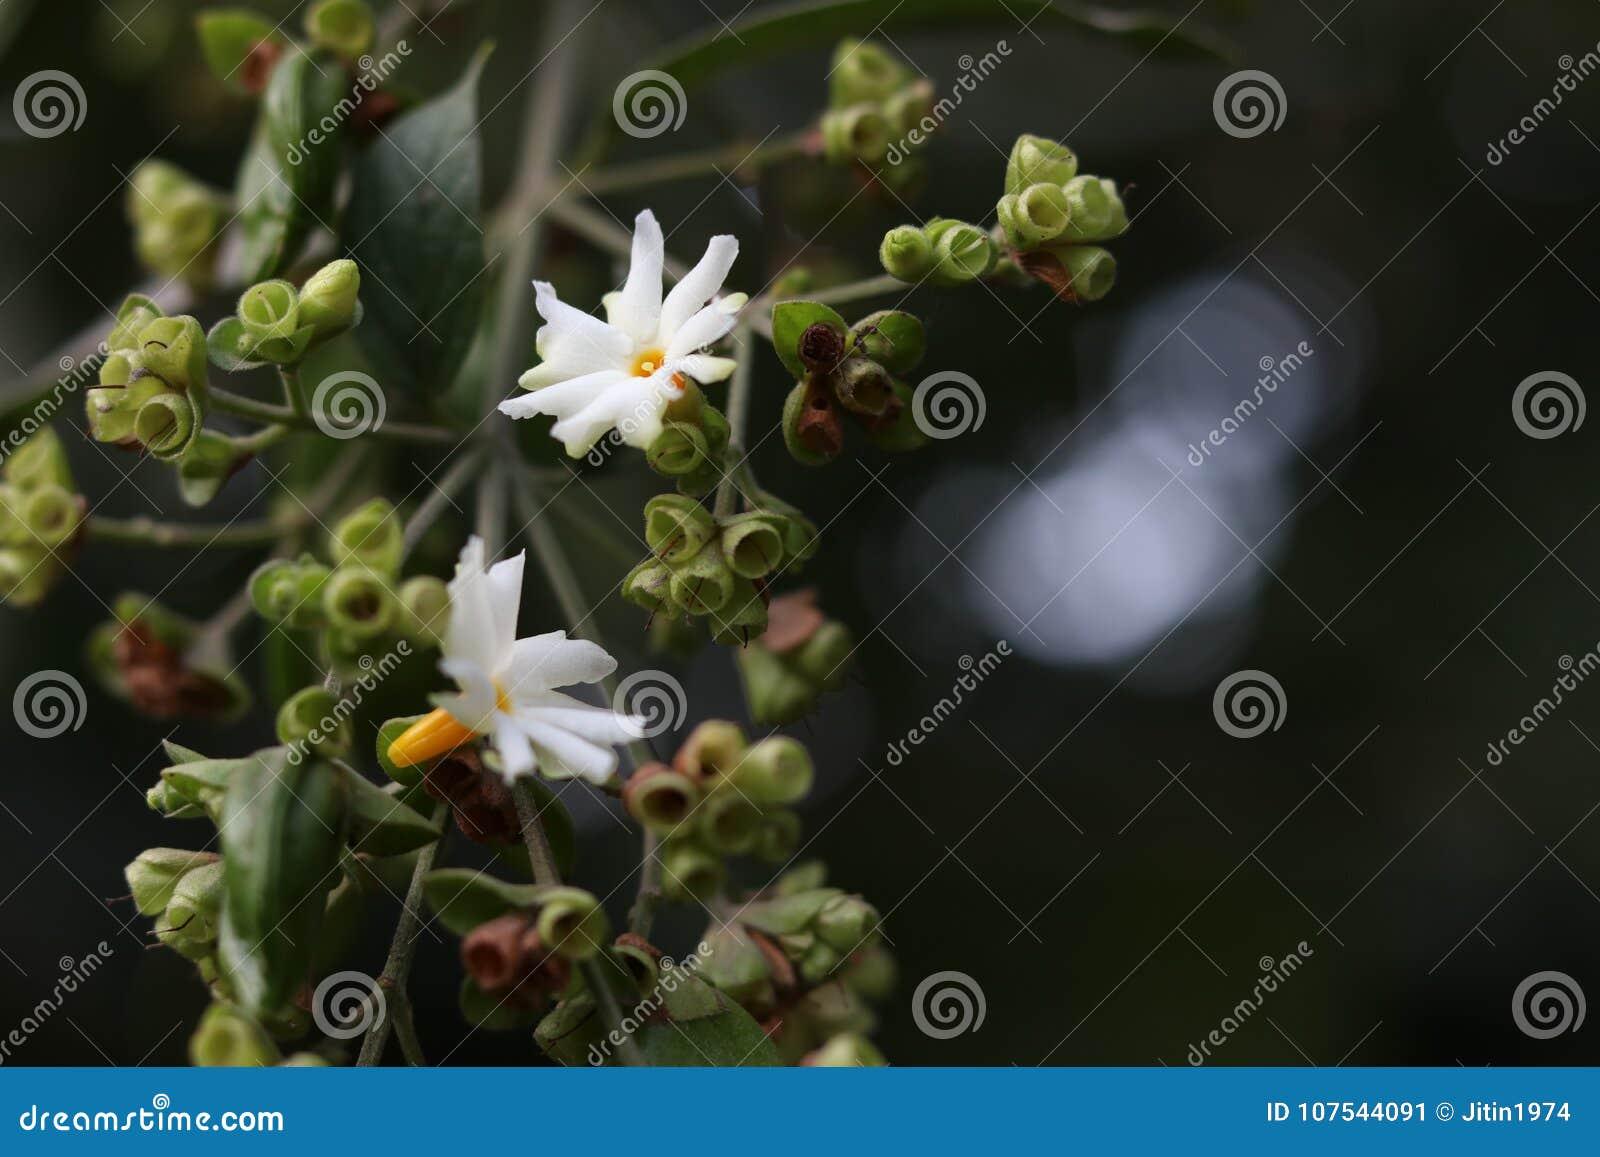 Night Jasmineflowerharsingarlime Greenyellow Stock Image